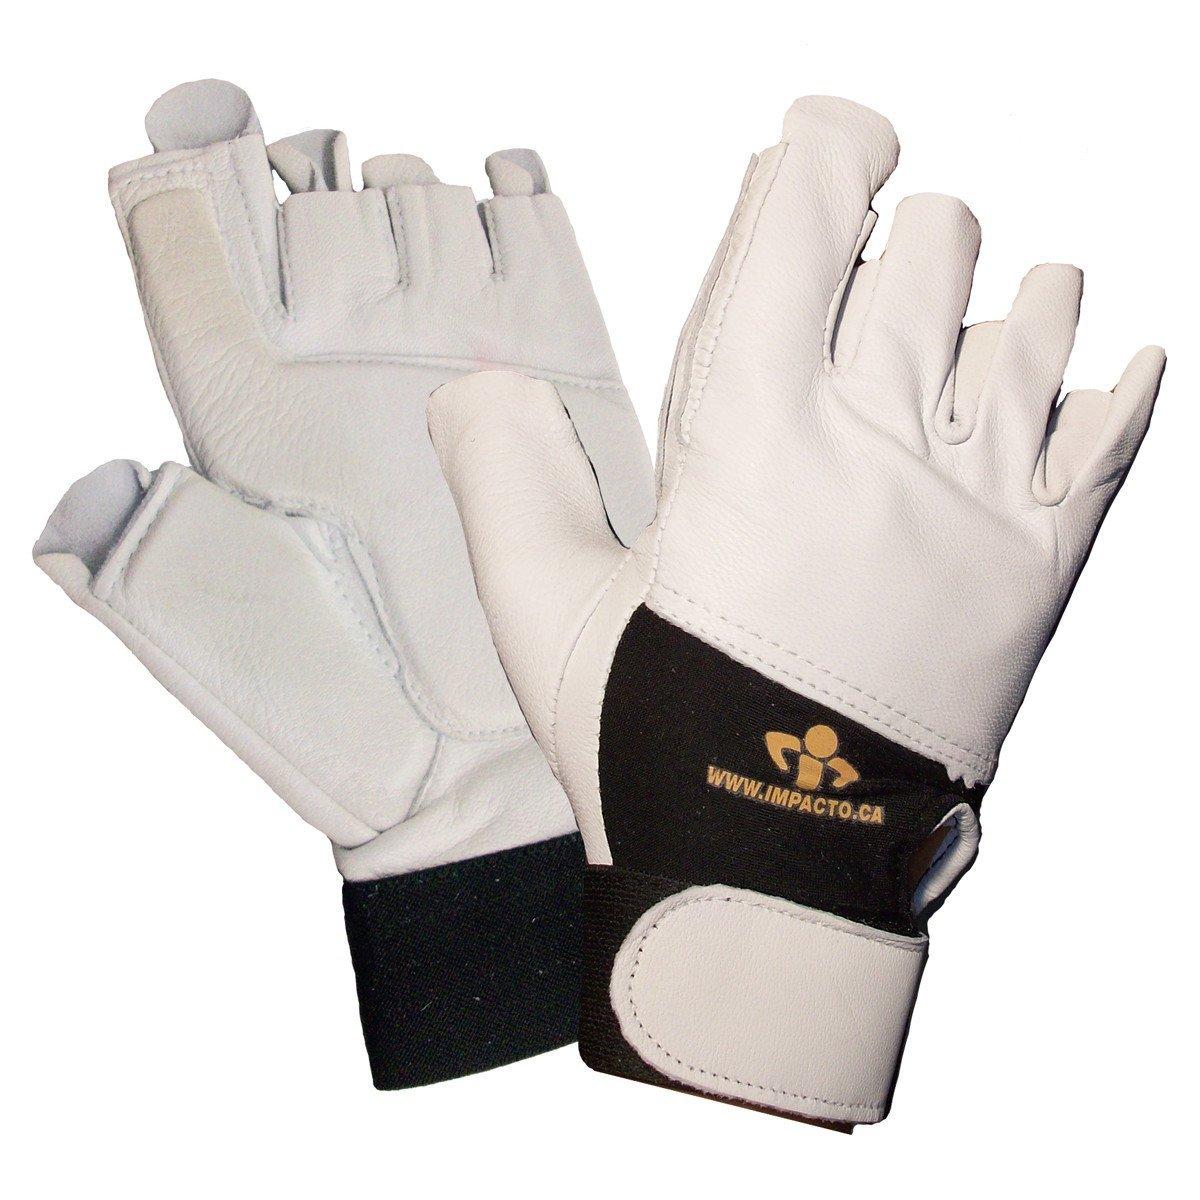 Impacto Ergonomic Anti-Impact Glove Trigger Finger -